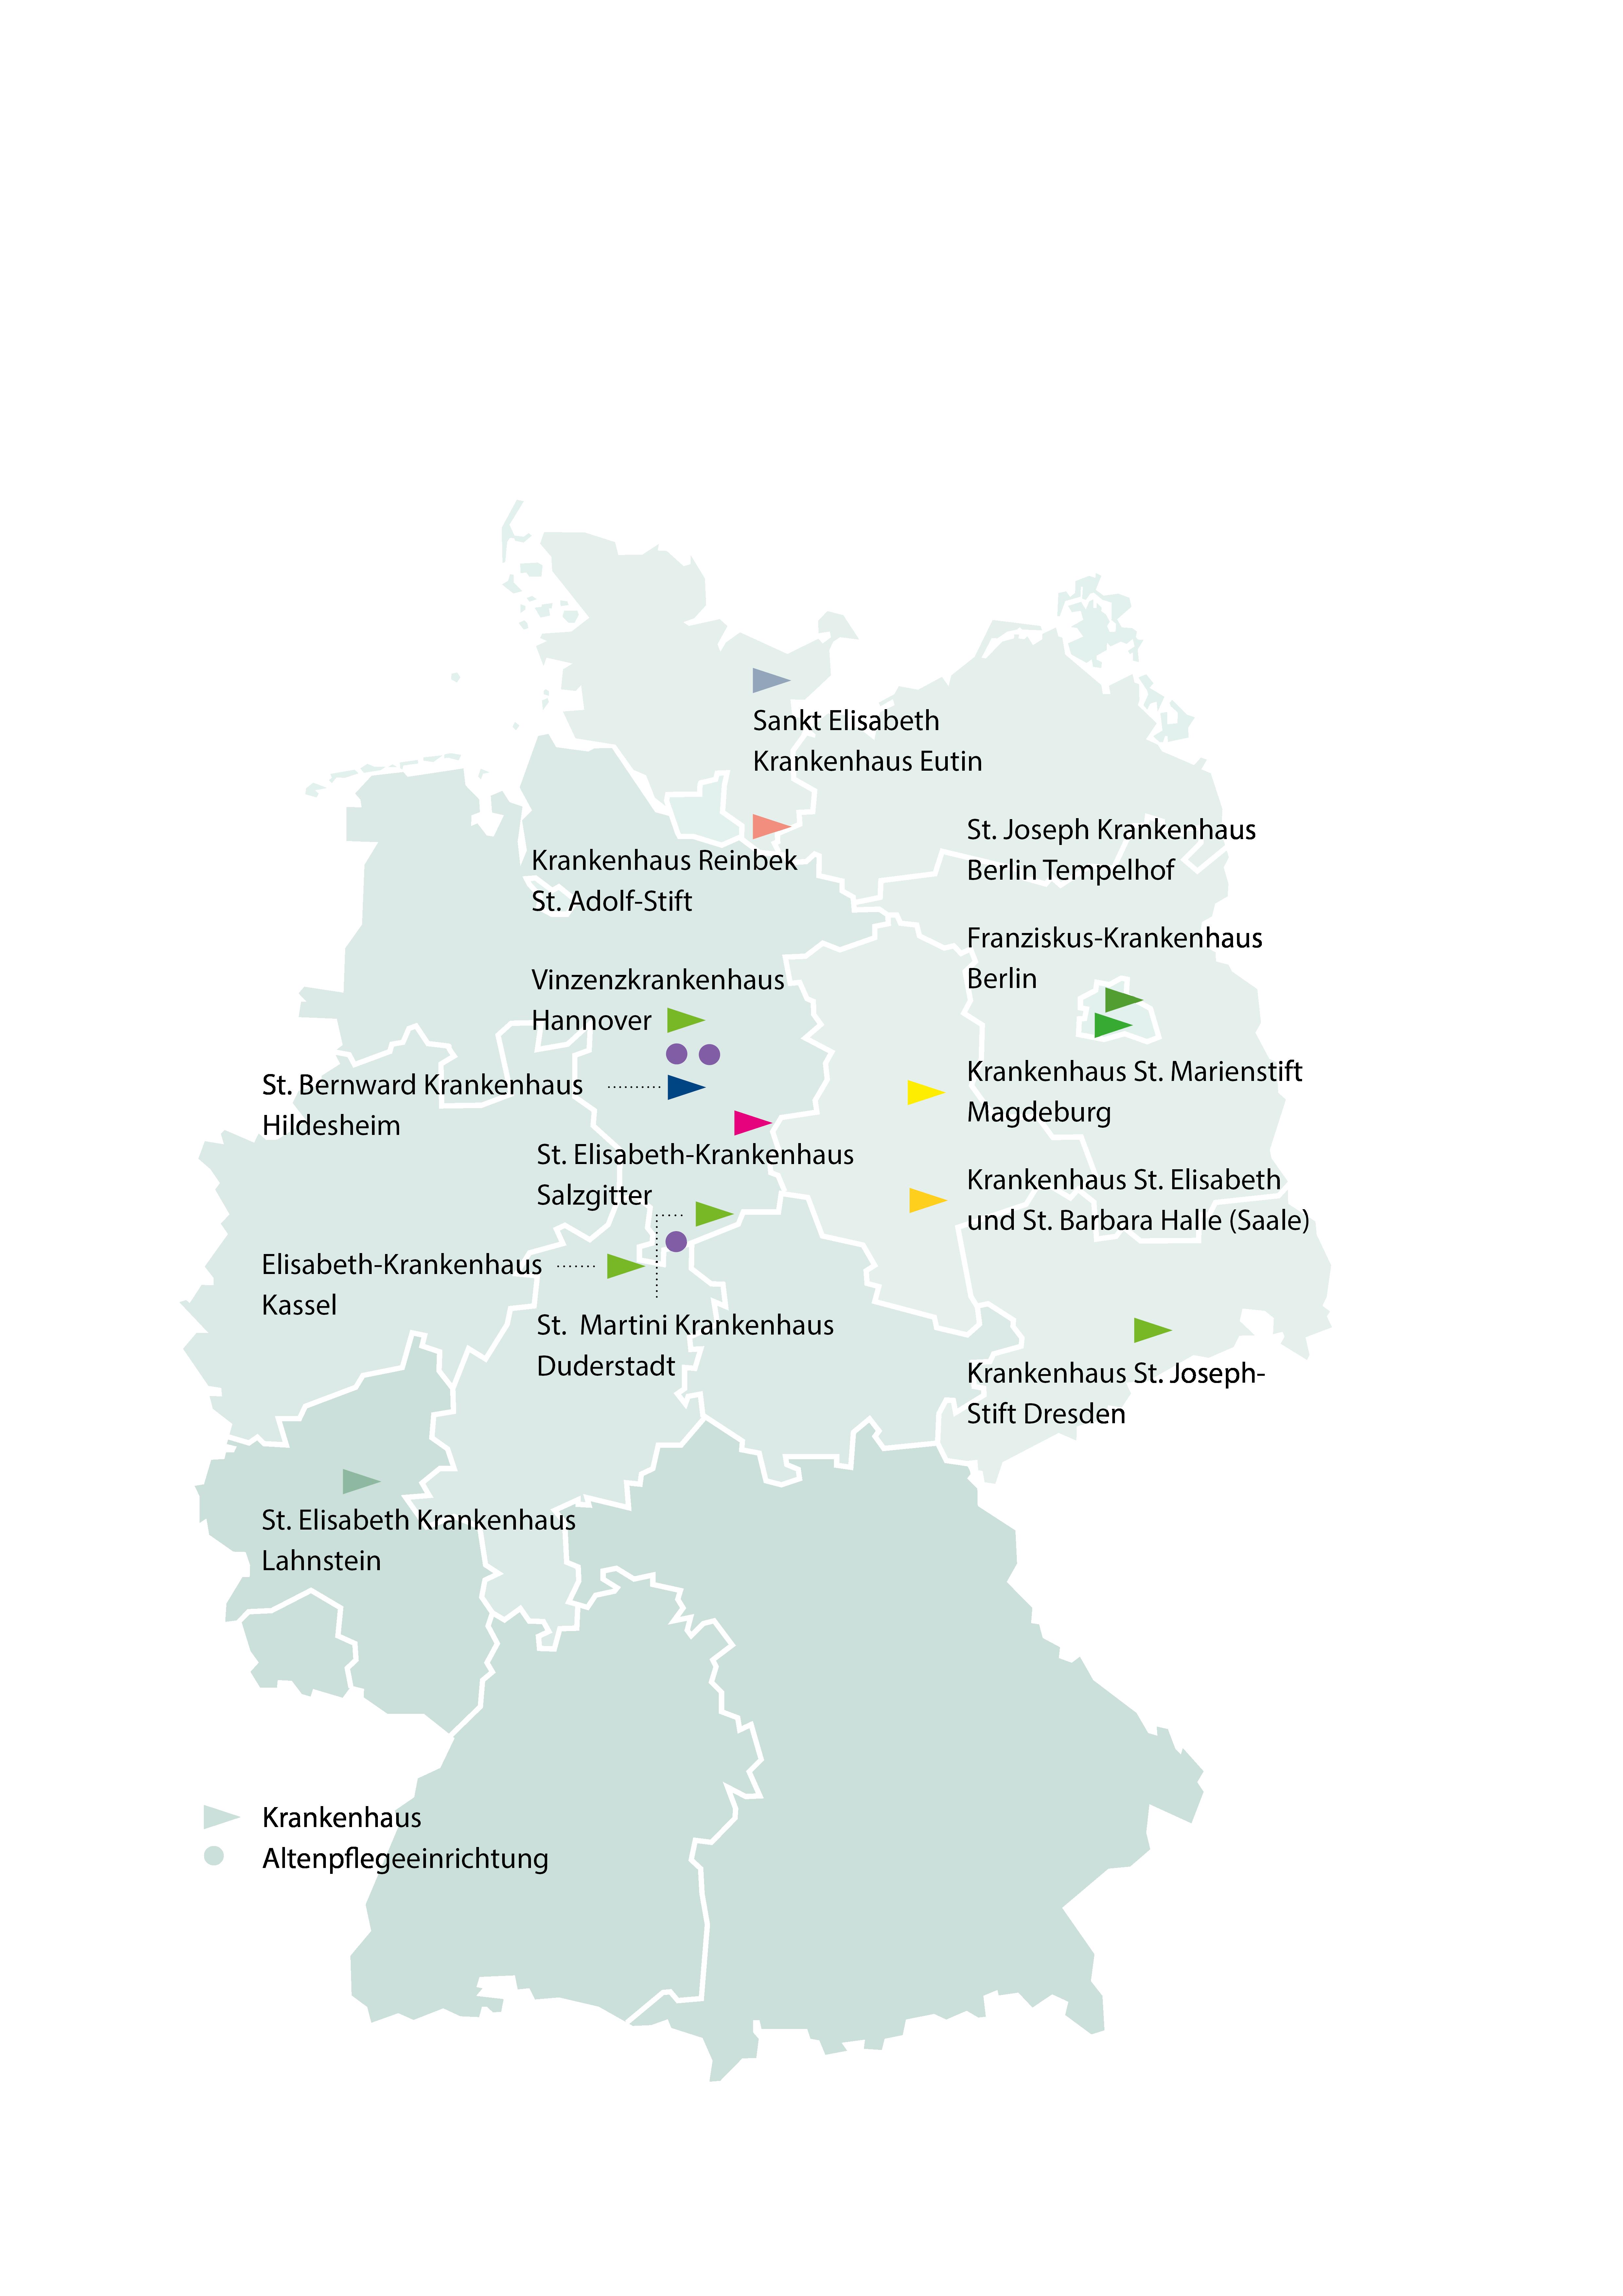 Karte über alle Häuser